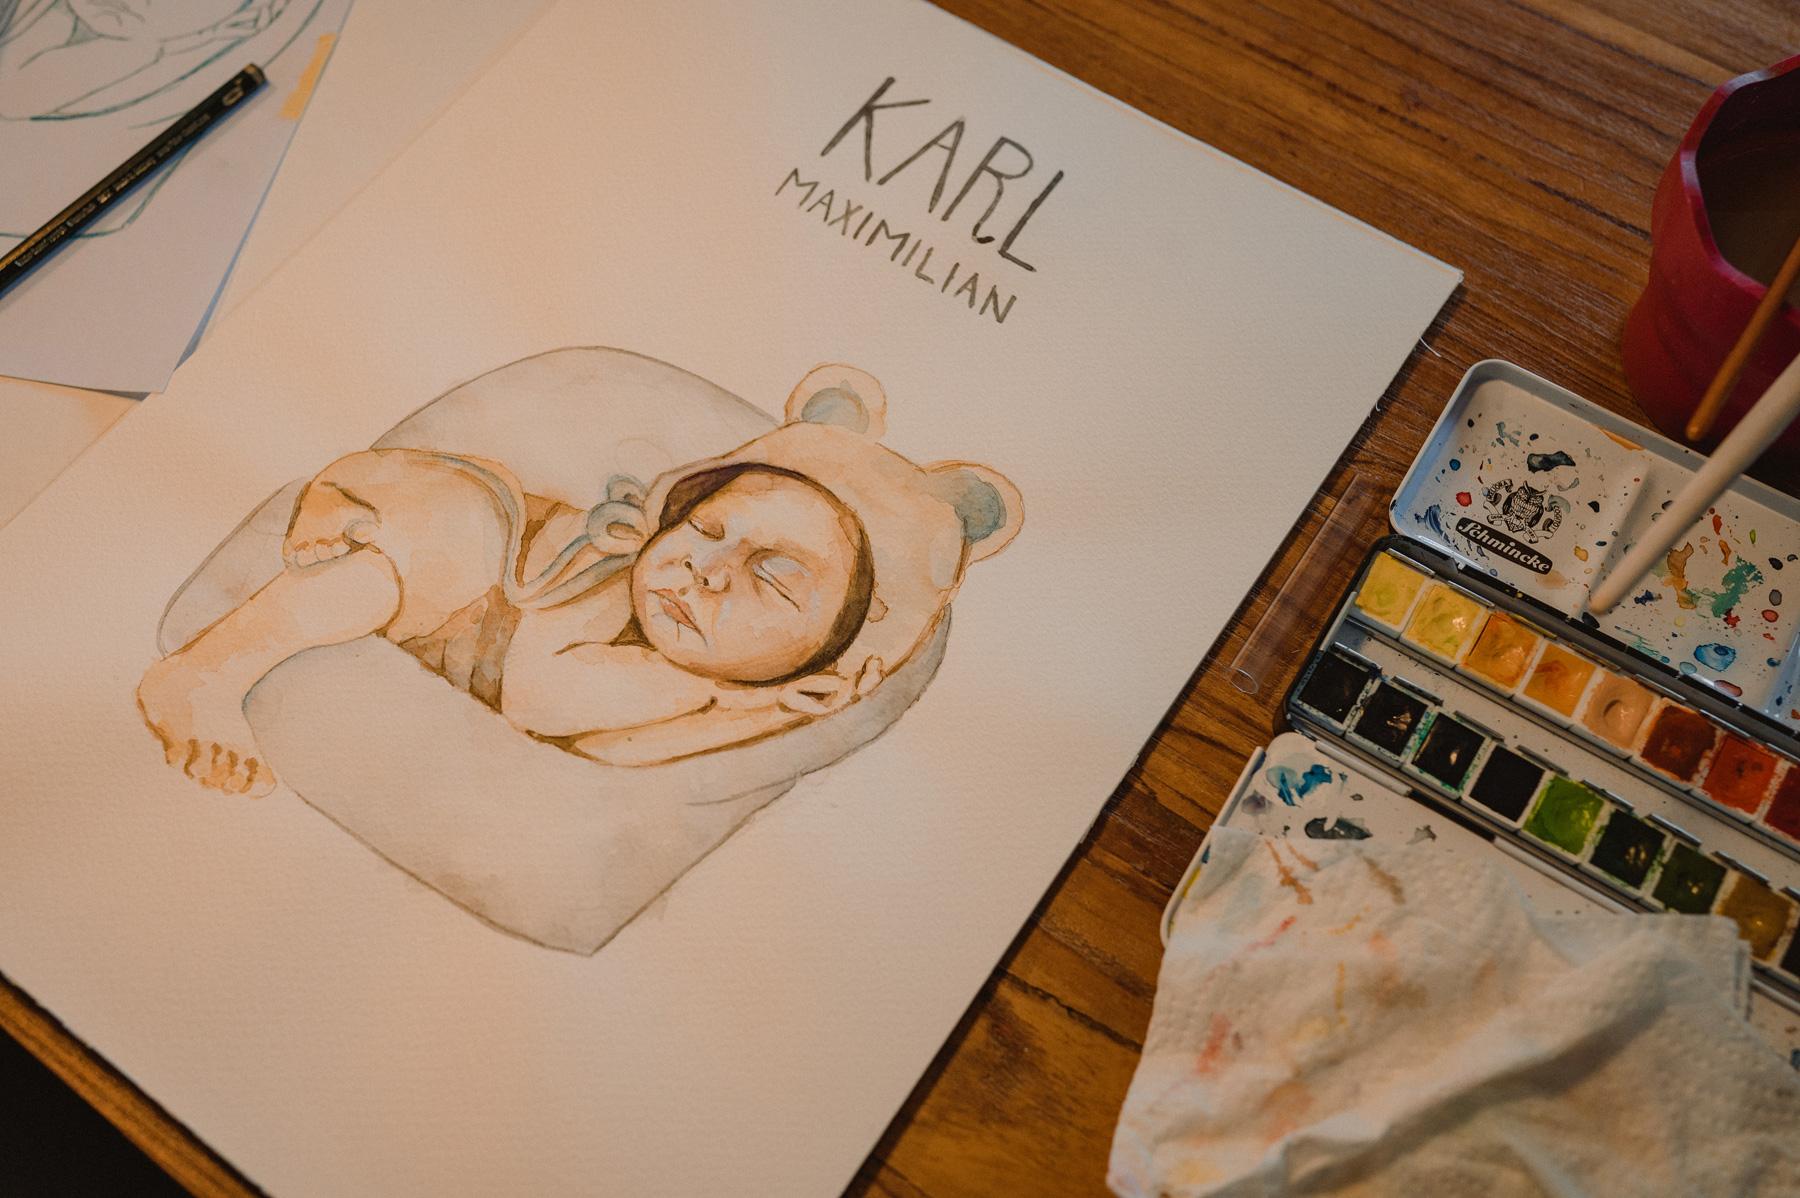 Die Zeichnung eines Neugeborenen in einem Strampler mit Bärenohren.